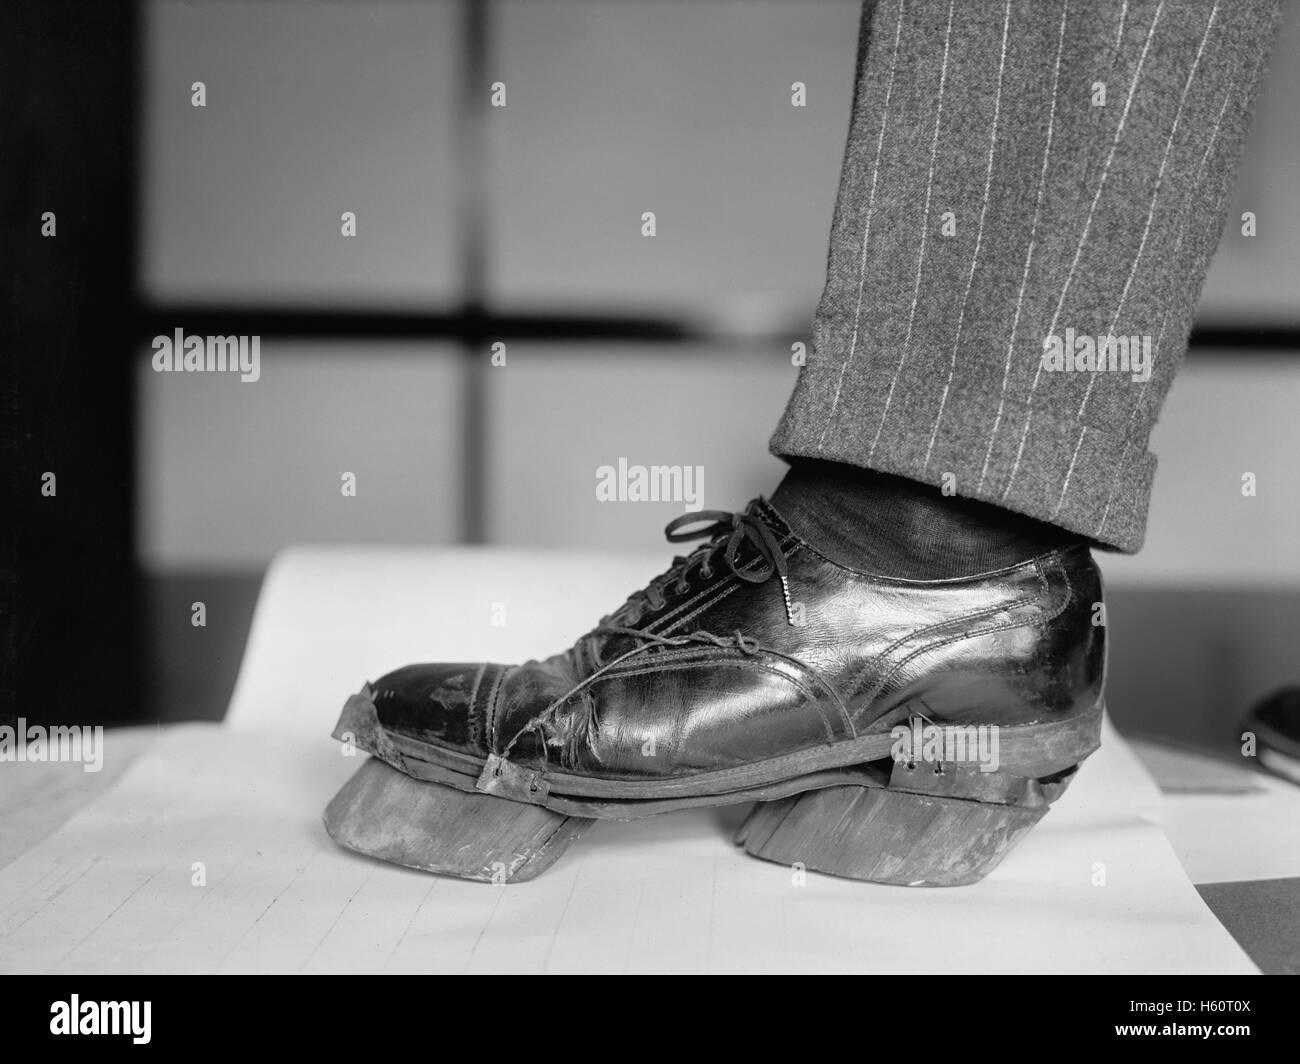 Polizisten versuchen auf Kuh-Schuh von Moonshiners während Verbot, Washington DC, USA, Foto Landesgesellschaft, Stockbild